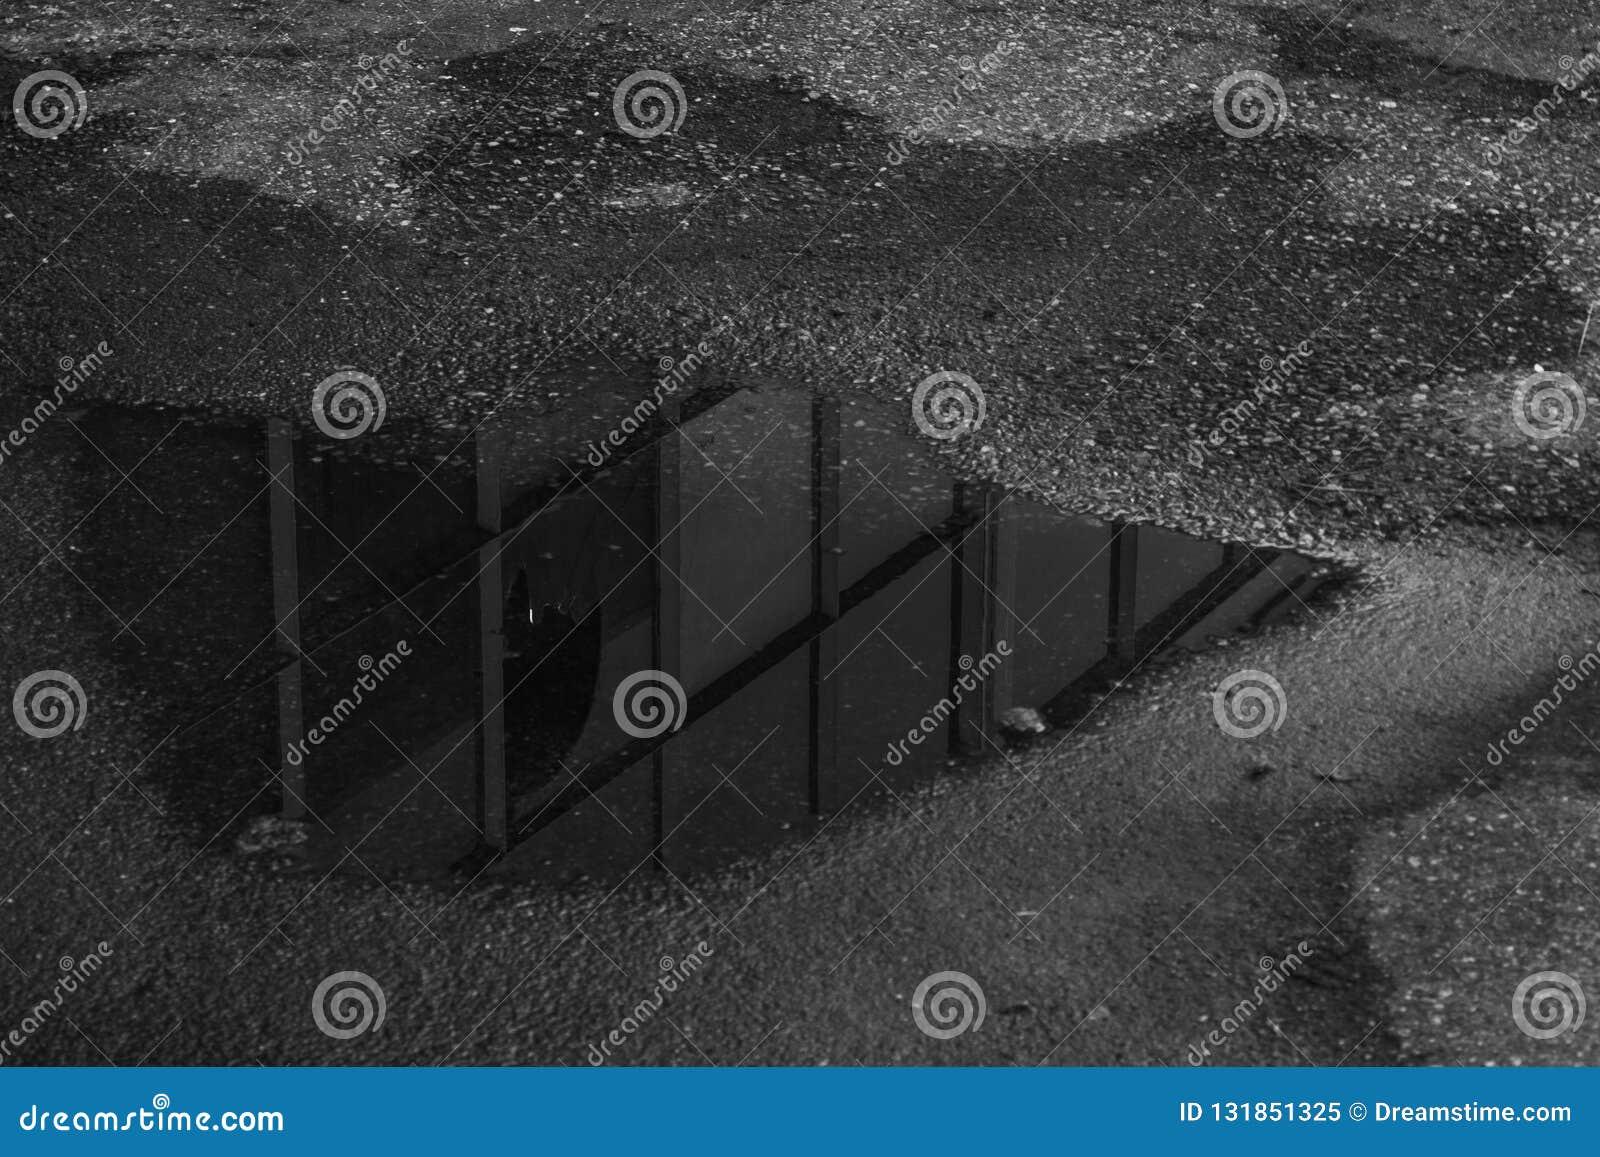 Reflexion eines Gebäudes in einer Pfütze